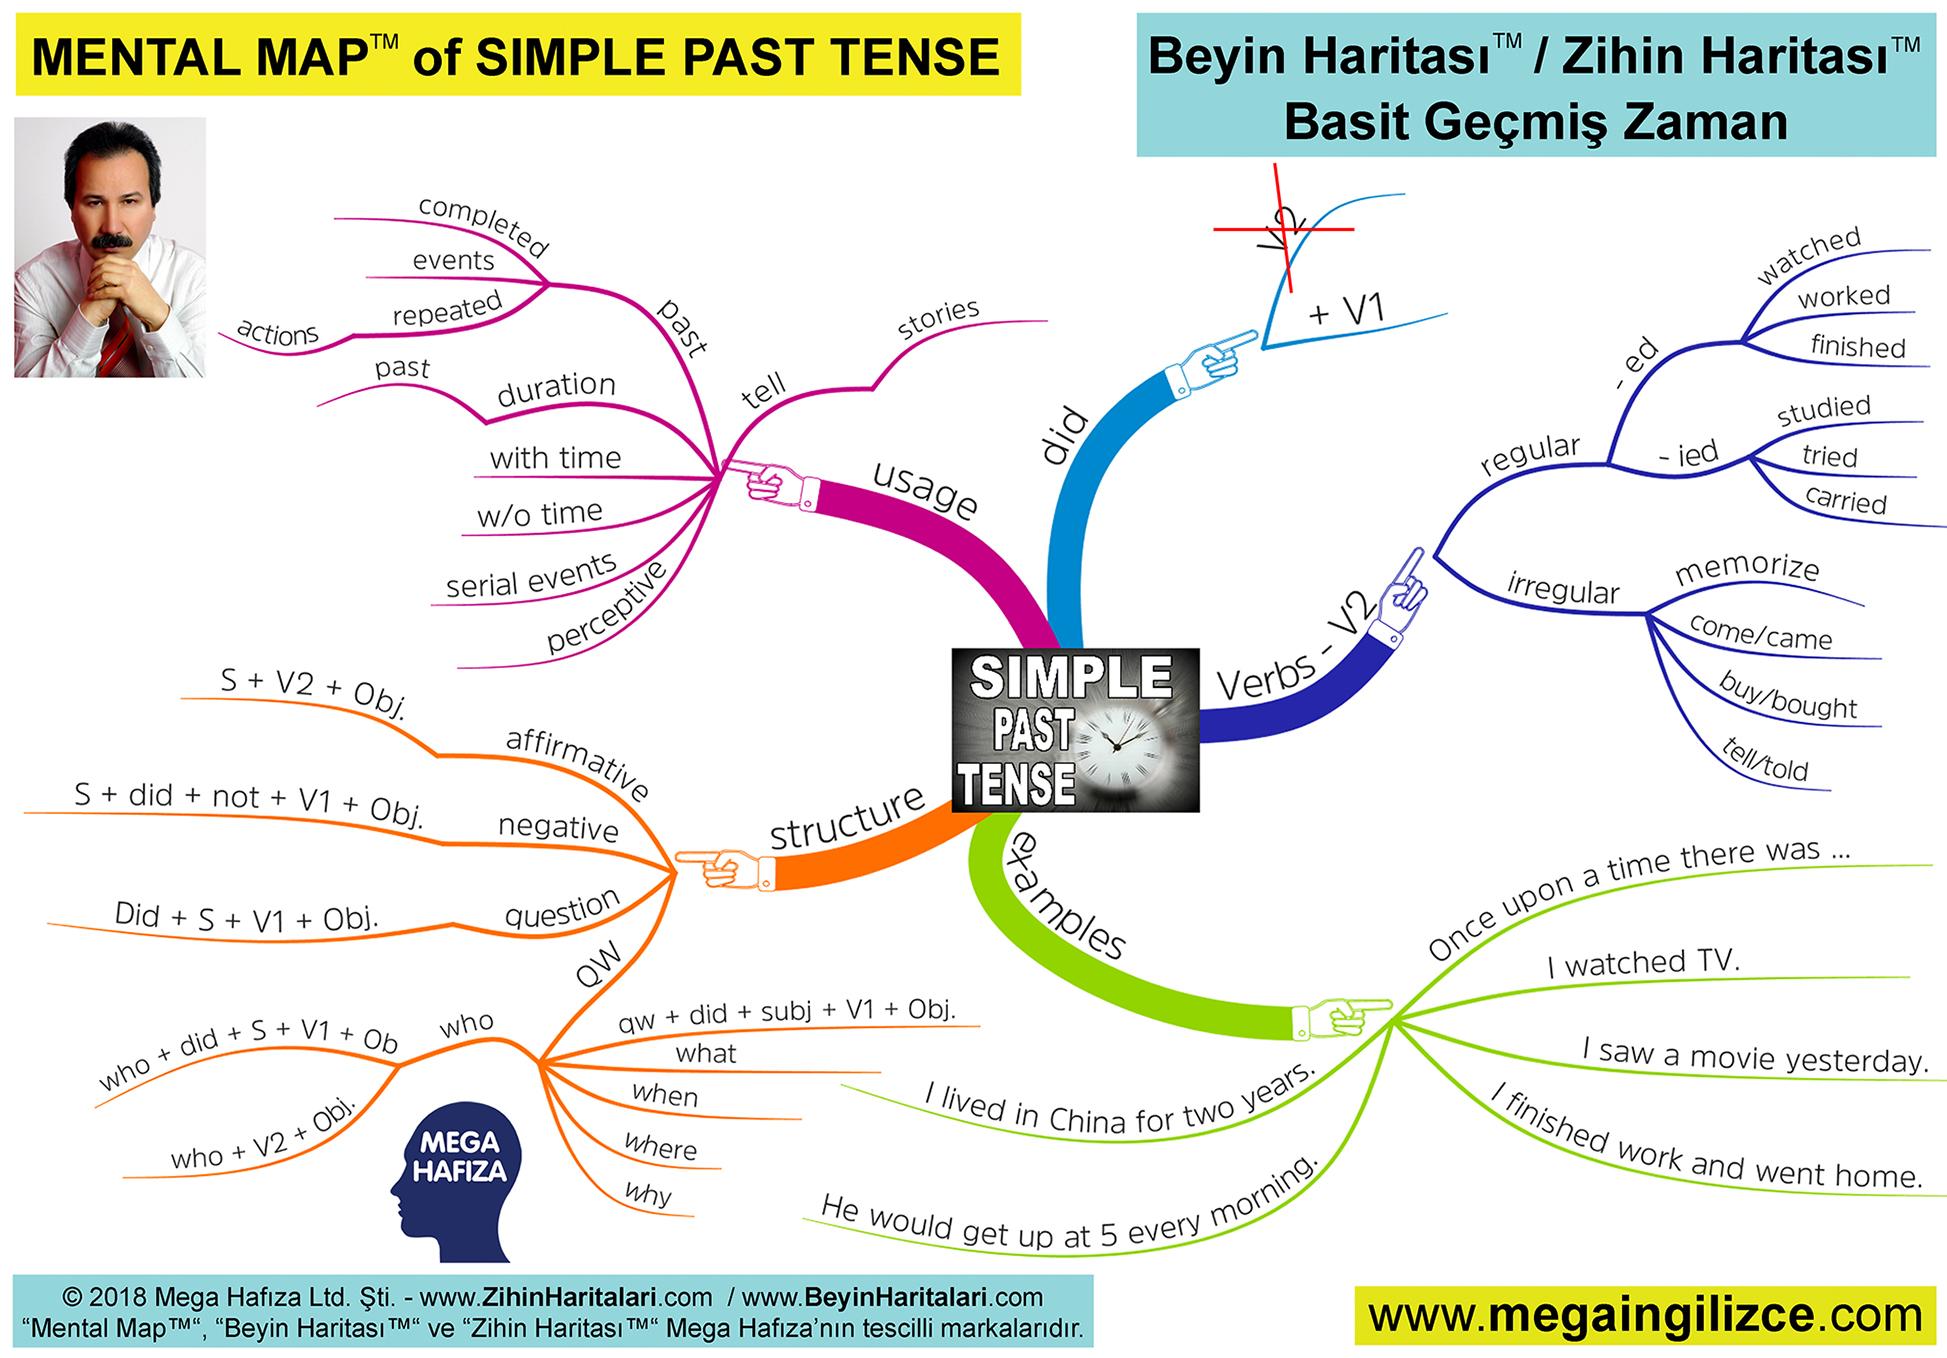 Zihin Haritası / Beyin Haritası - Basit Geçmiş Zaman